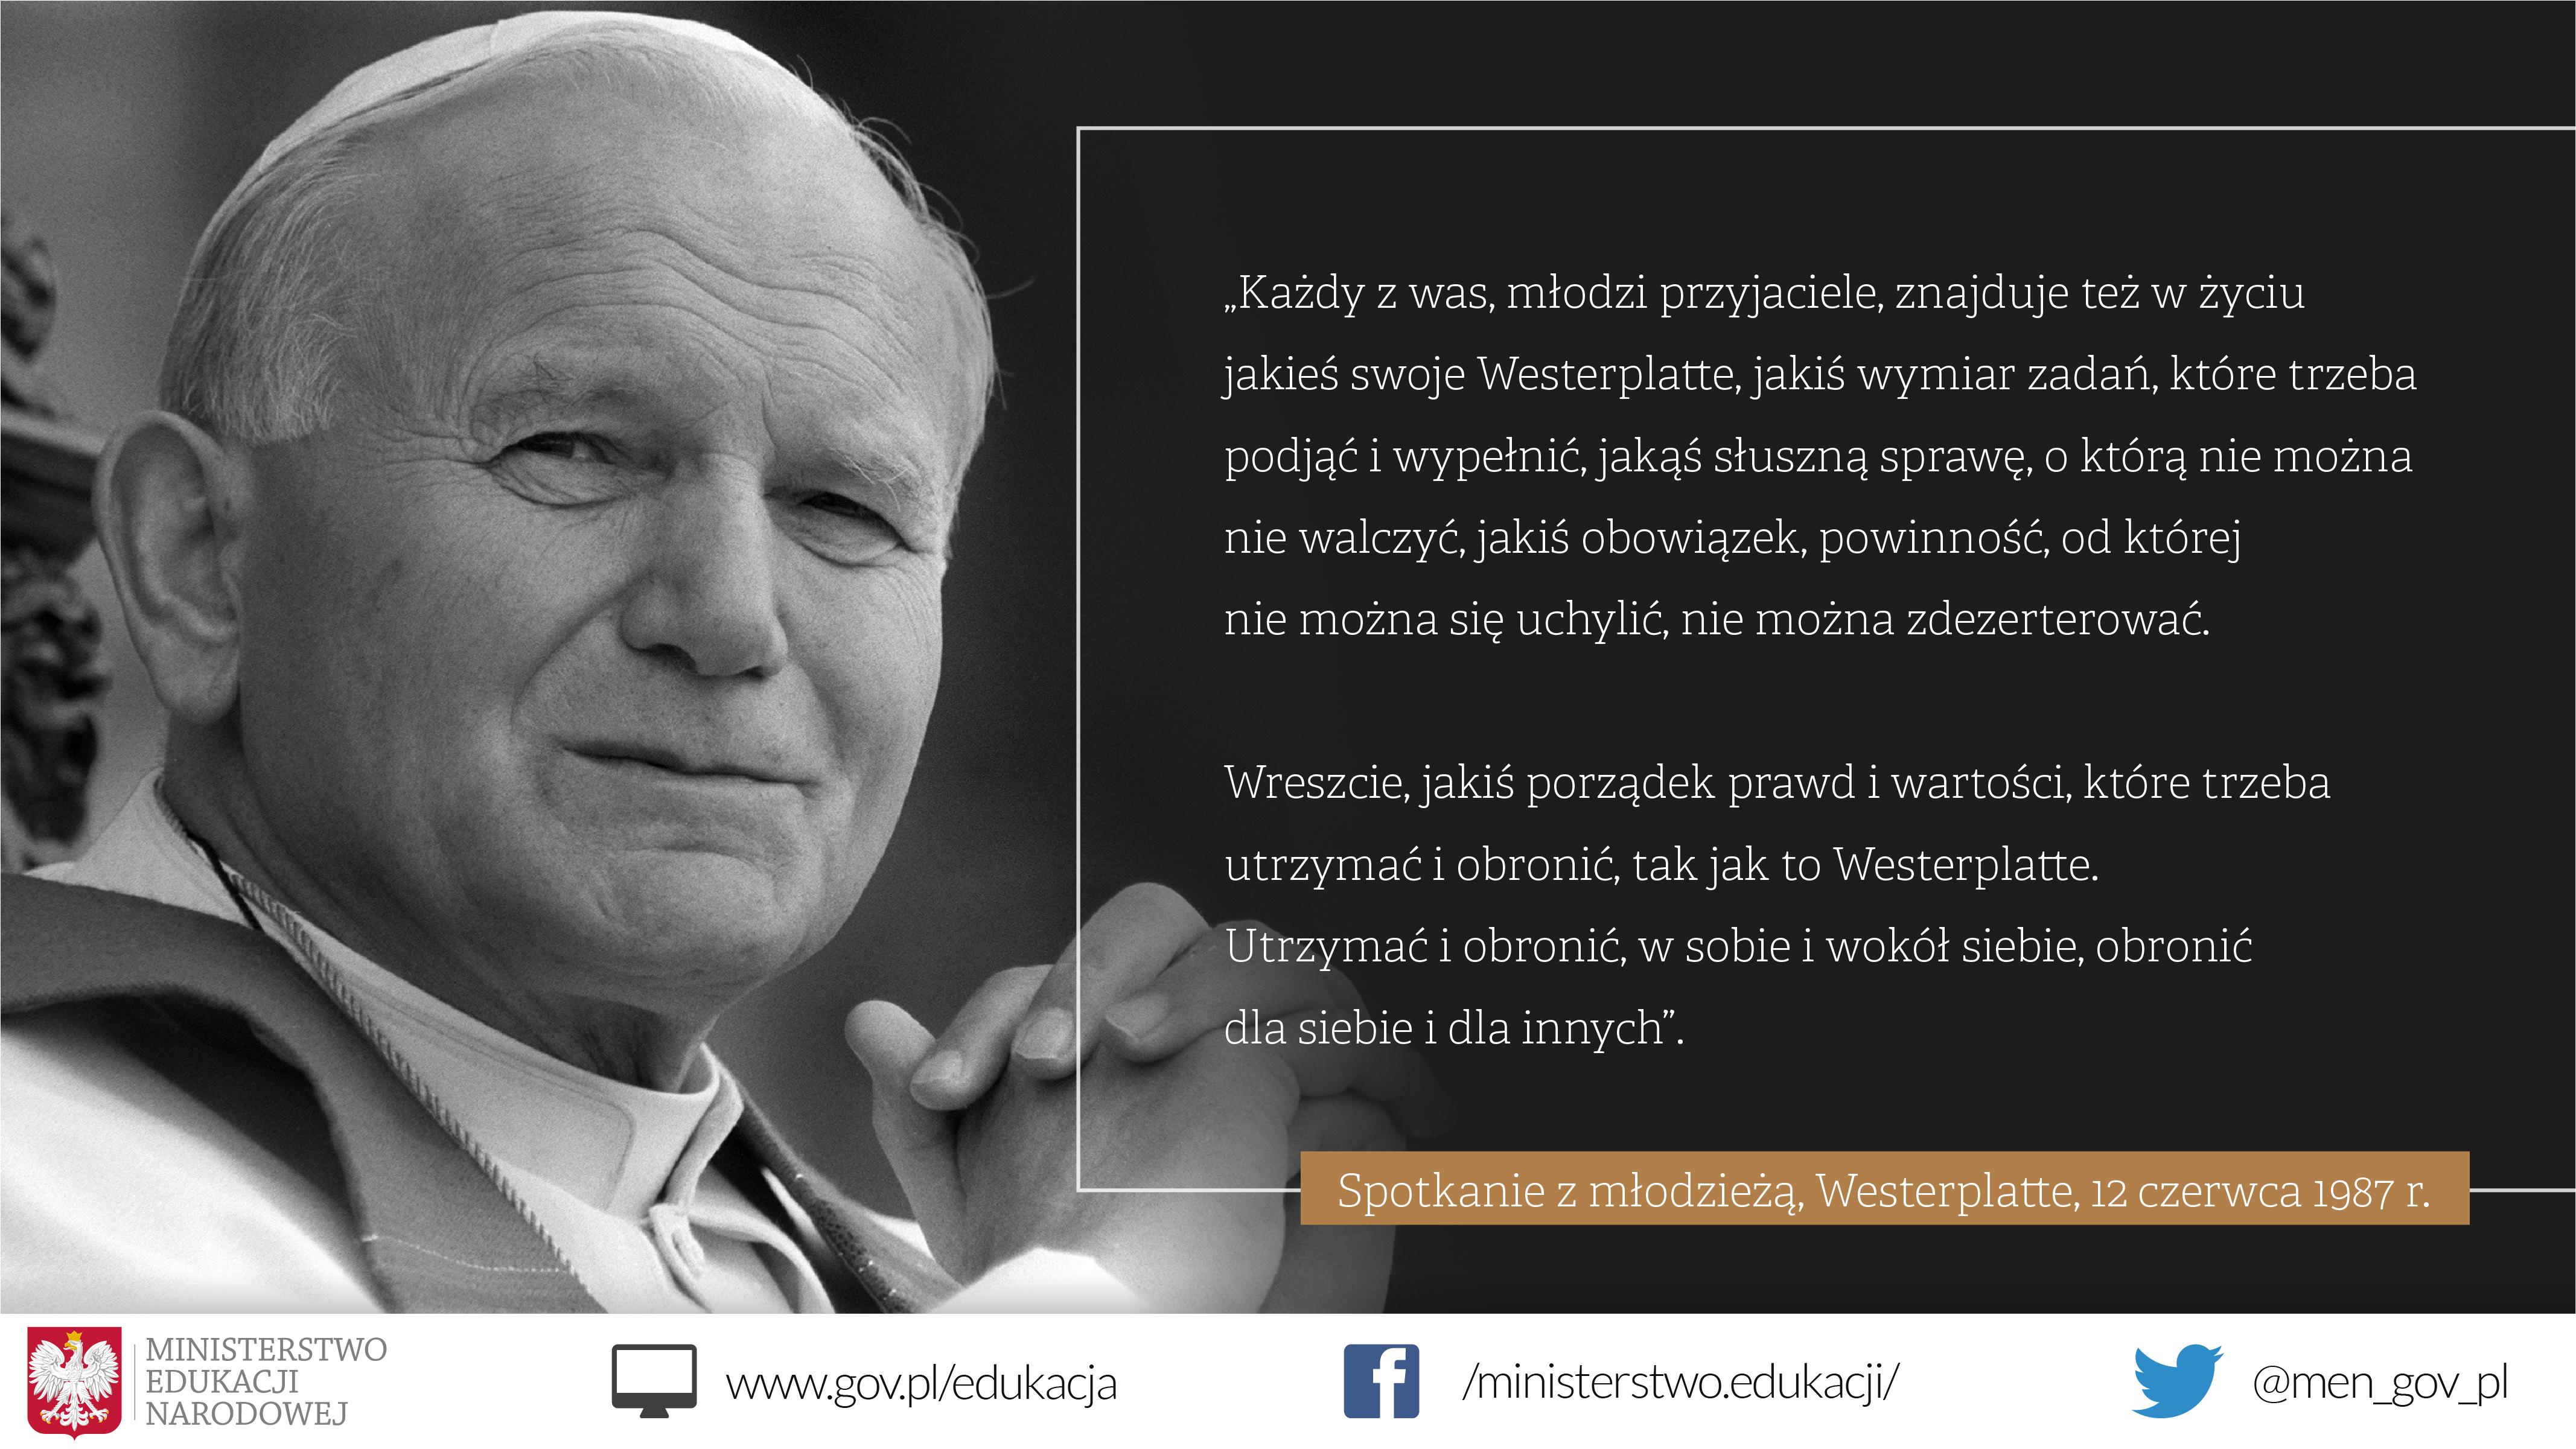 Po lewej stronie Jan Paweł II ze złożonymi rękoma. Po prawej cytat: Każdy z was, młodzi przyjaciele, znajduje też w życiu jakieś swoje Westerplatte, jakiś wymiar zadań, które trzeba podjąć i wypełnić, jakąś słuszną sprawę, o którą nie można nie walczyć, jakiś obowiązek, powinność, od której nie można się uchylić, nie można zdezerterować. Wreszcie, jakiś porządek prawd i wartości, które trzeba utrzymać i obronić, tak jak to Westerplatte. Utrzymać i obronić, w sobie i wokół siebie, obronić dla siebie i dla innych. Westerplatte, 12 czerwca 1987 r.